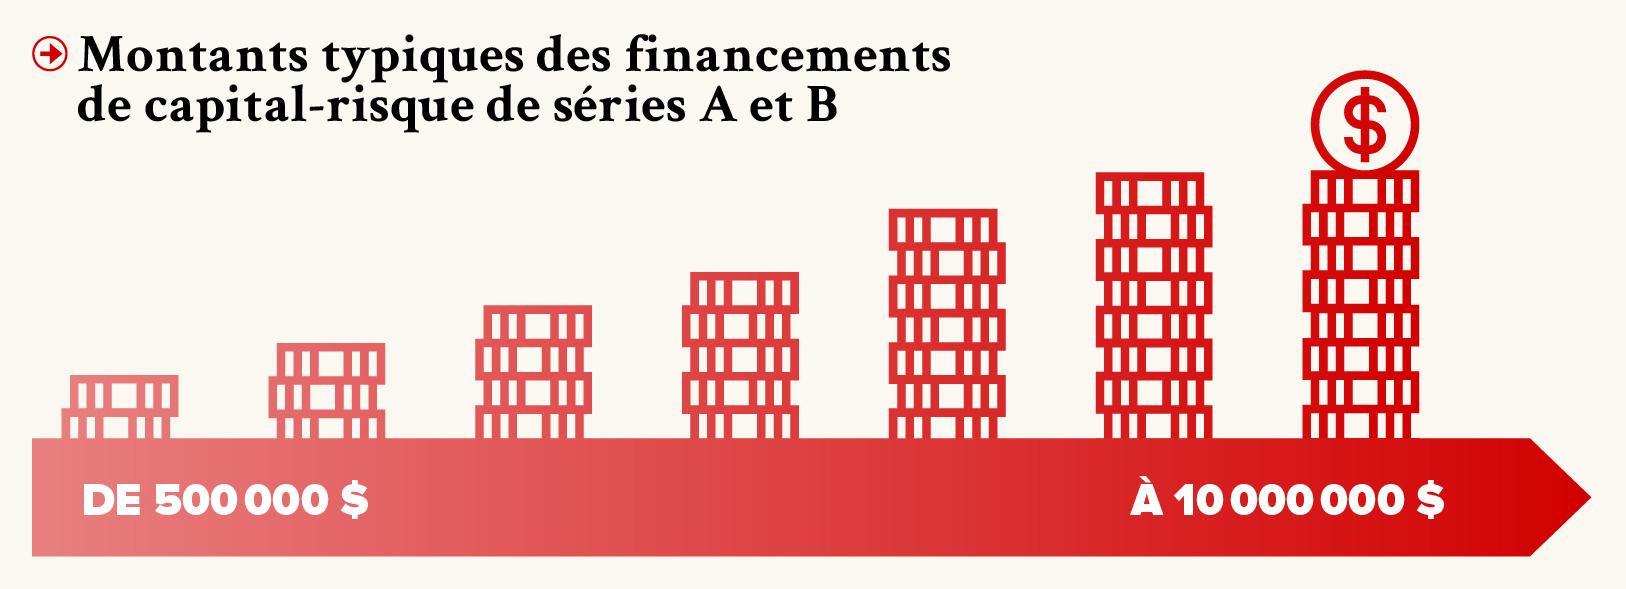 PRO-Revue N29-FR-v7-Montants typiques des financements